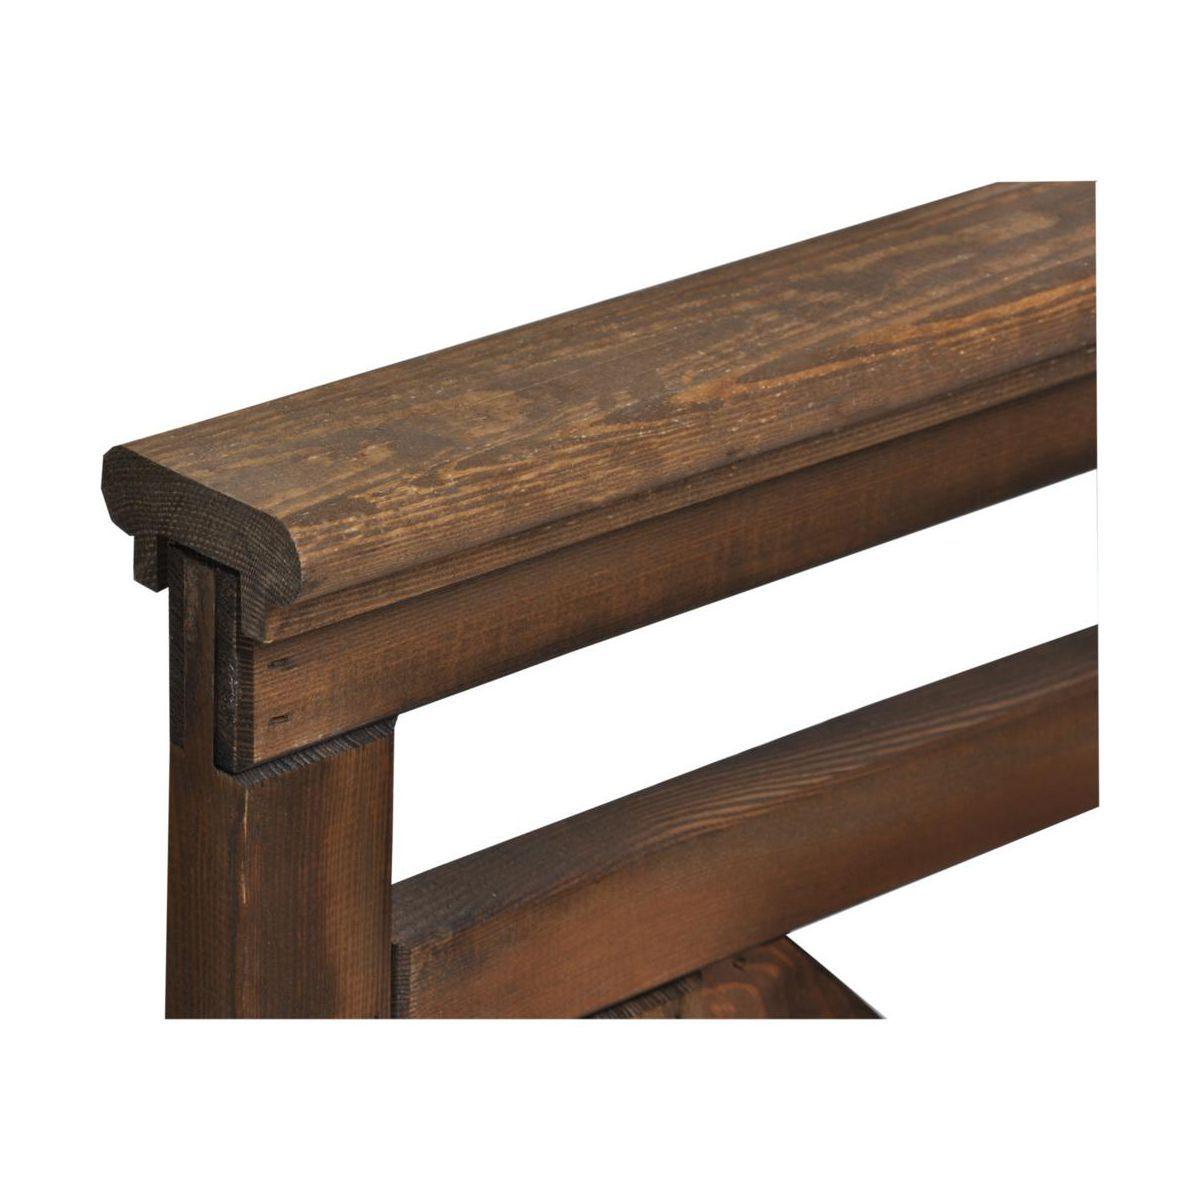 Plot Tarasowy Z Porecza Ken Sobex W Atrakcyjnej Cenie W Sklepach Leroy Merlin Decor Home Decor Dining Bench